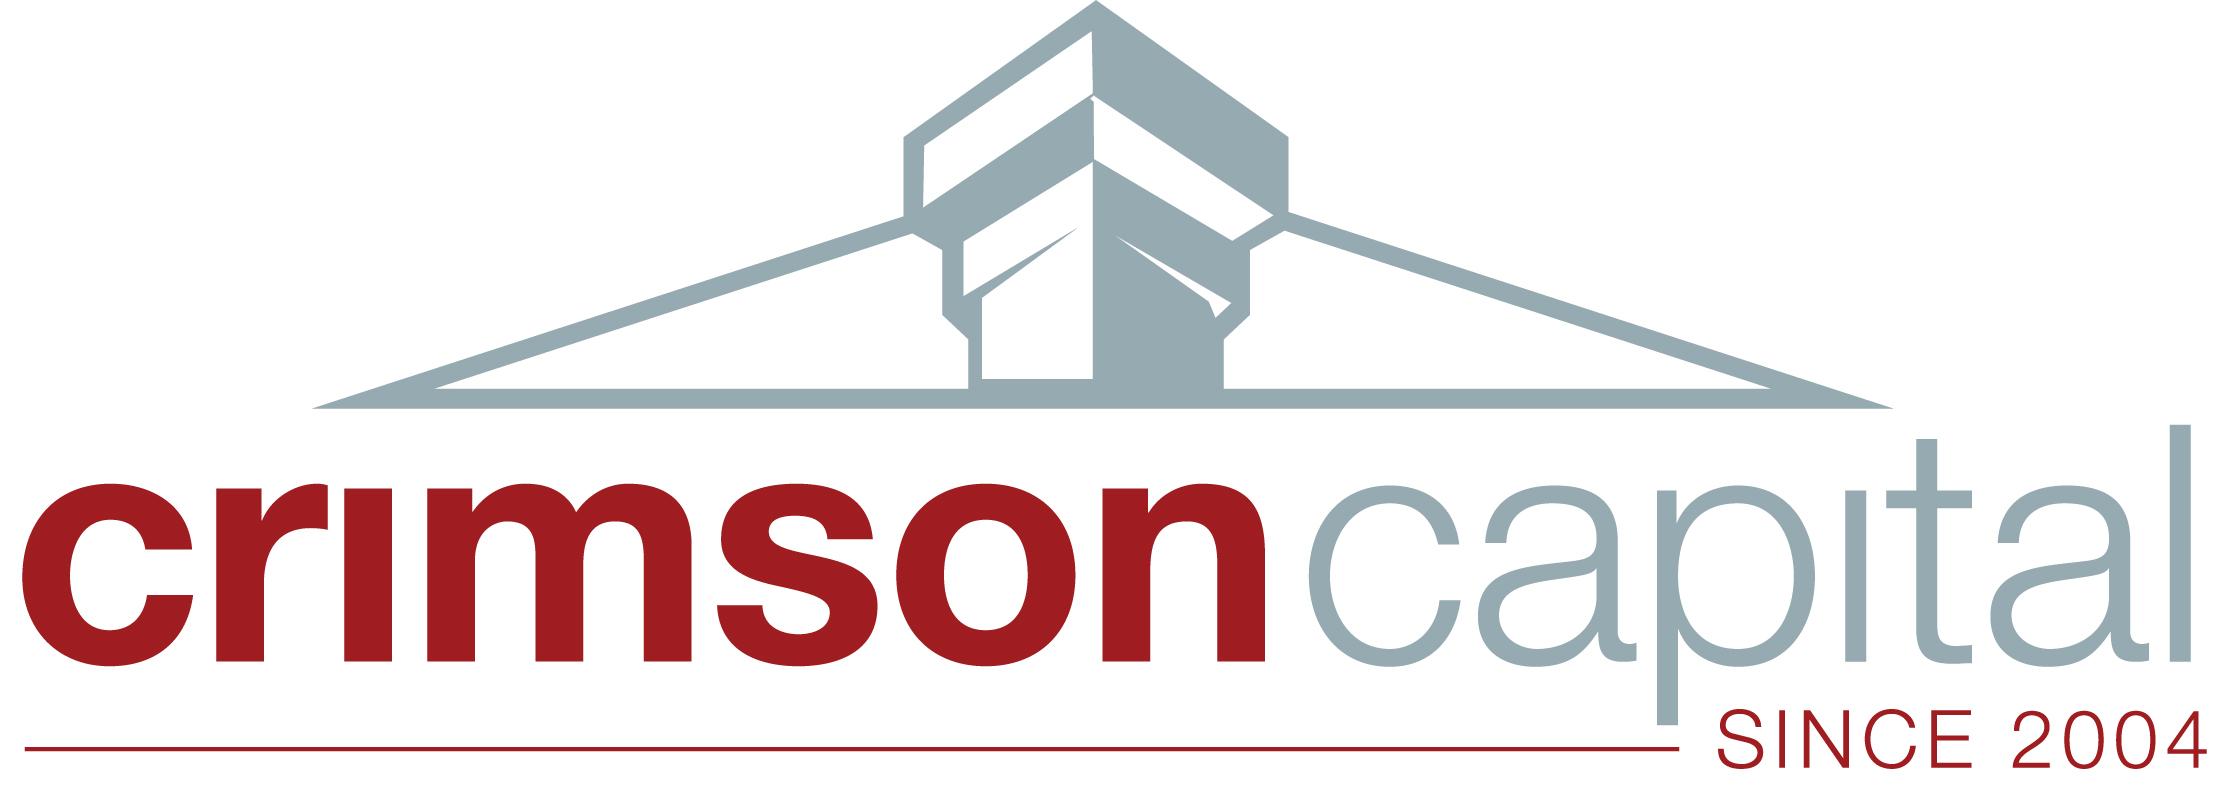 Hors D'oeuvres Sponsors - Crimson Capital LLC | Steve Malley '00 & JR Prestifilippo '00 - Logo